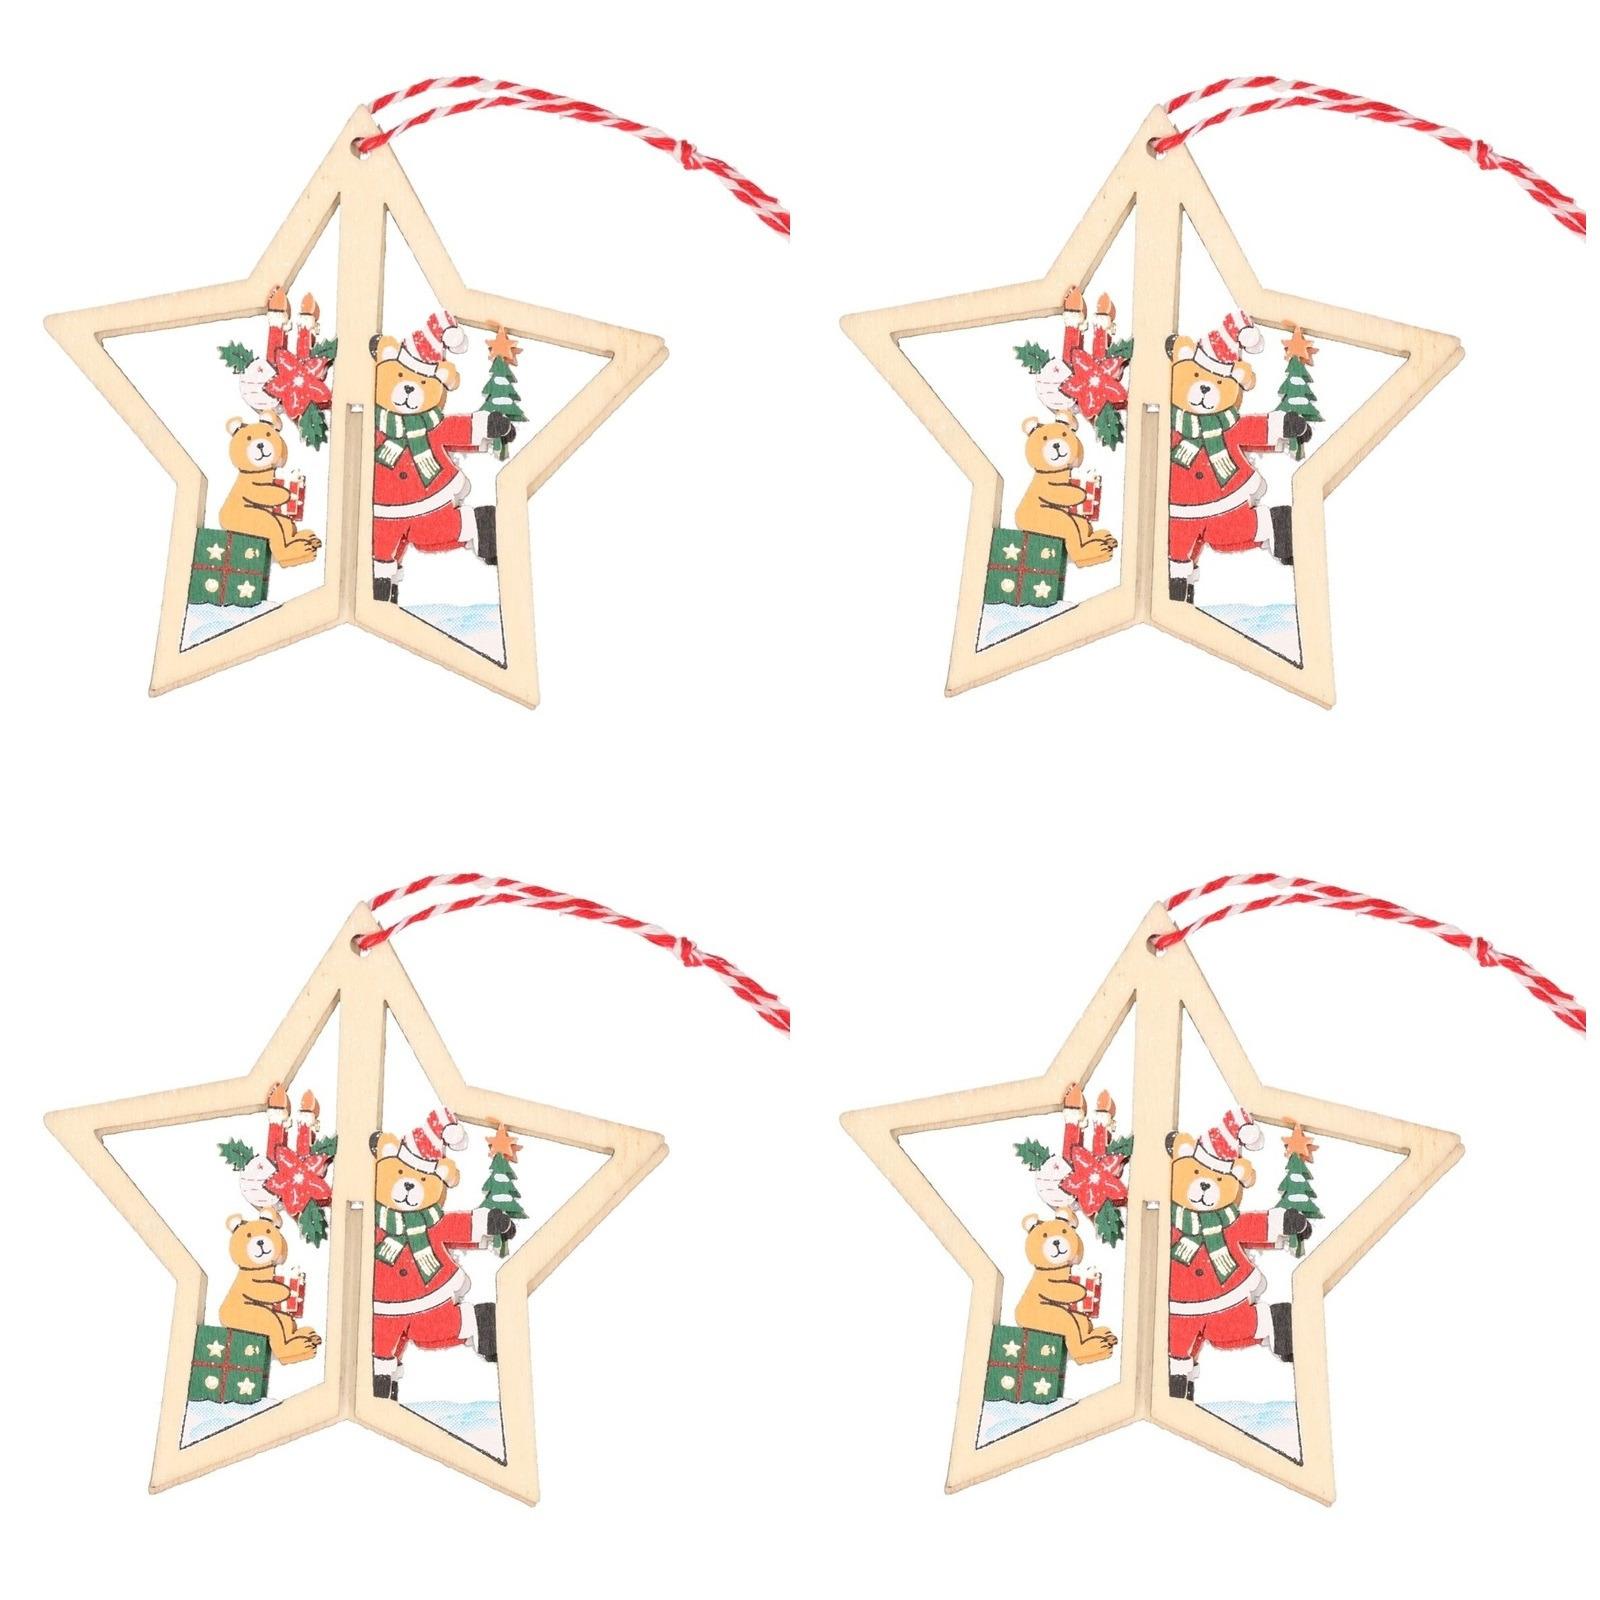 4x Houten sterren met beren kerstversiering hangdecoratie 10 cm